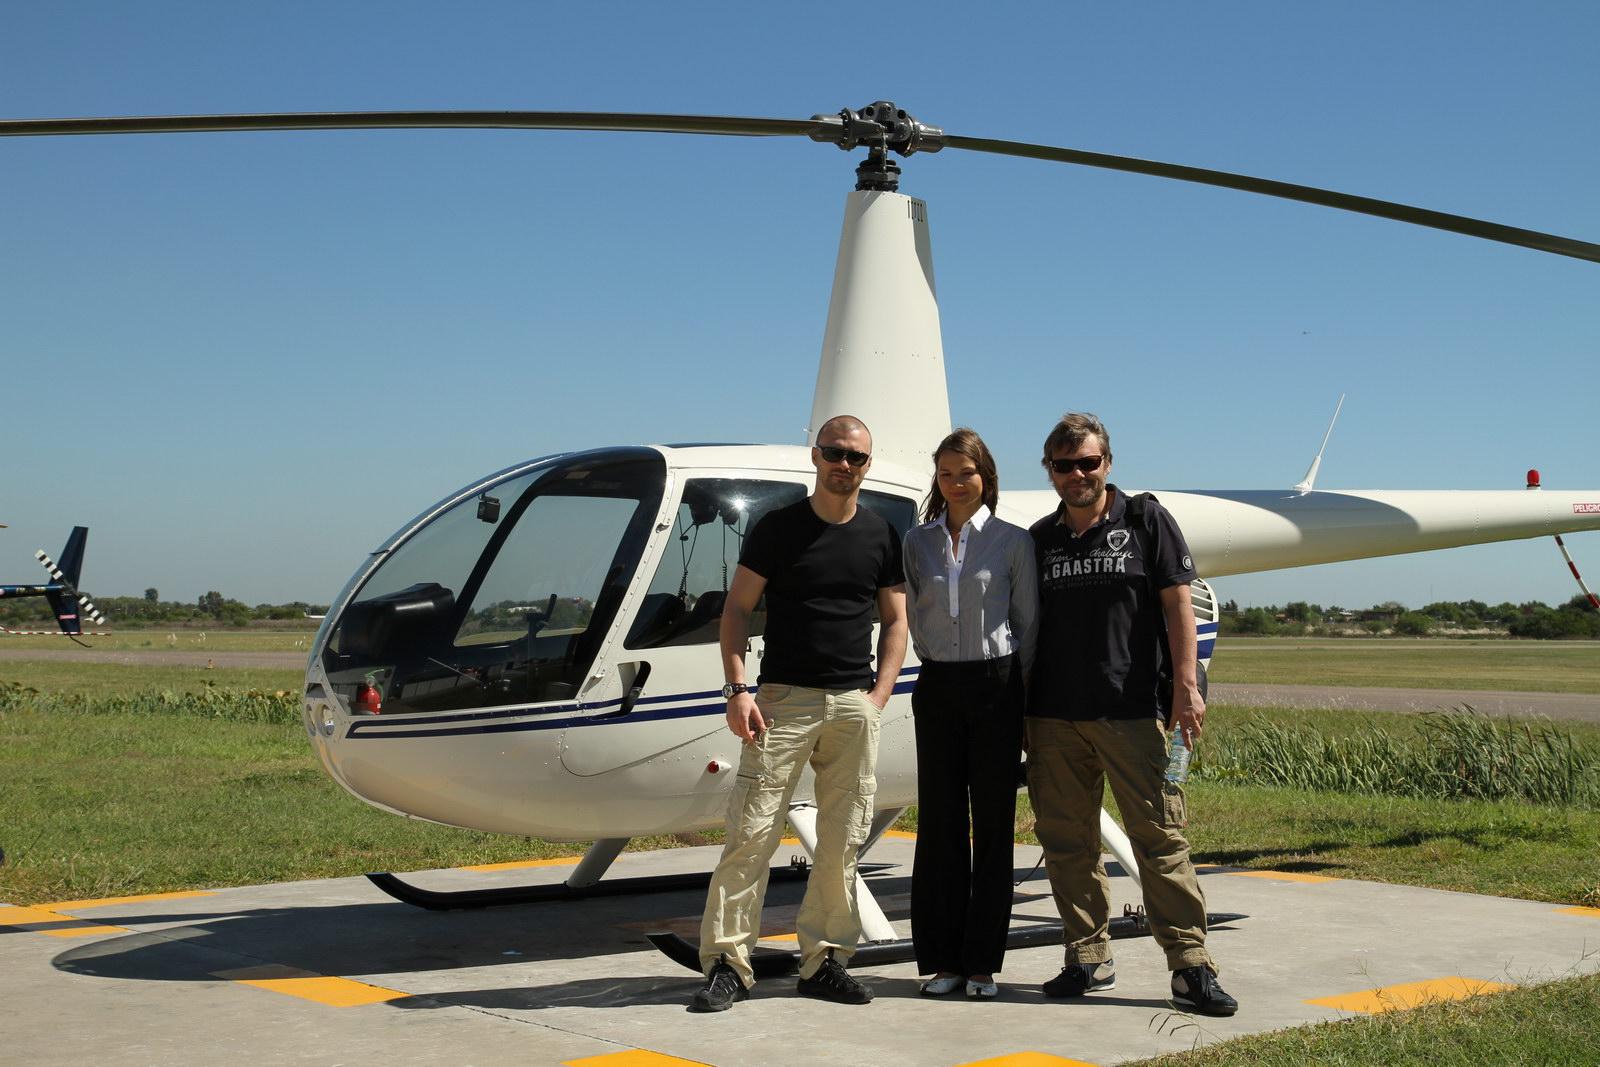 На вертолете над Буэнос-Айресом с русскоязычным гидом